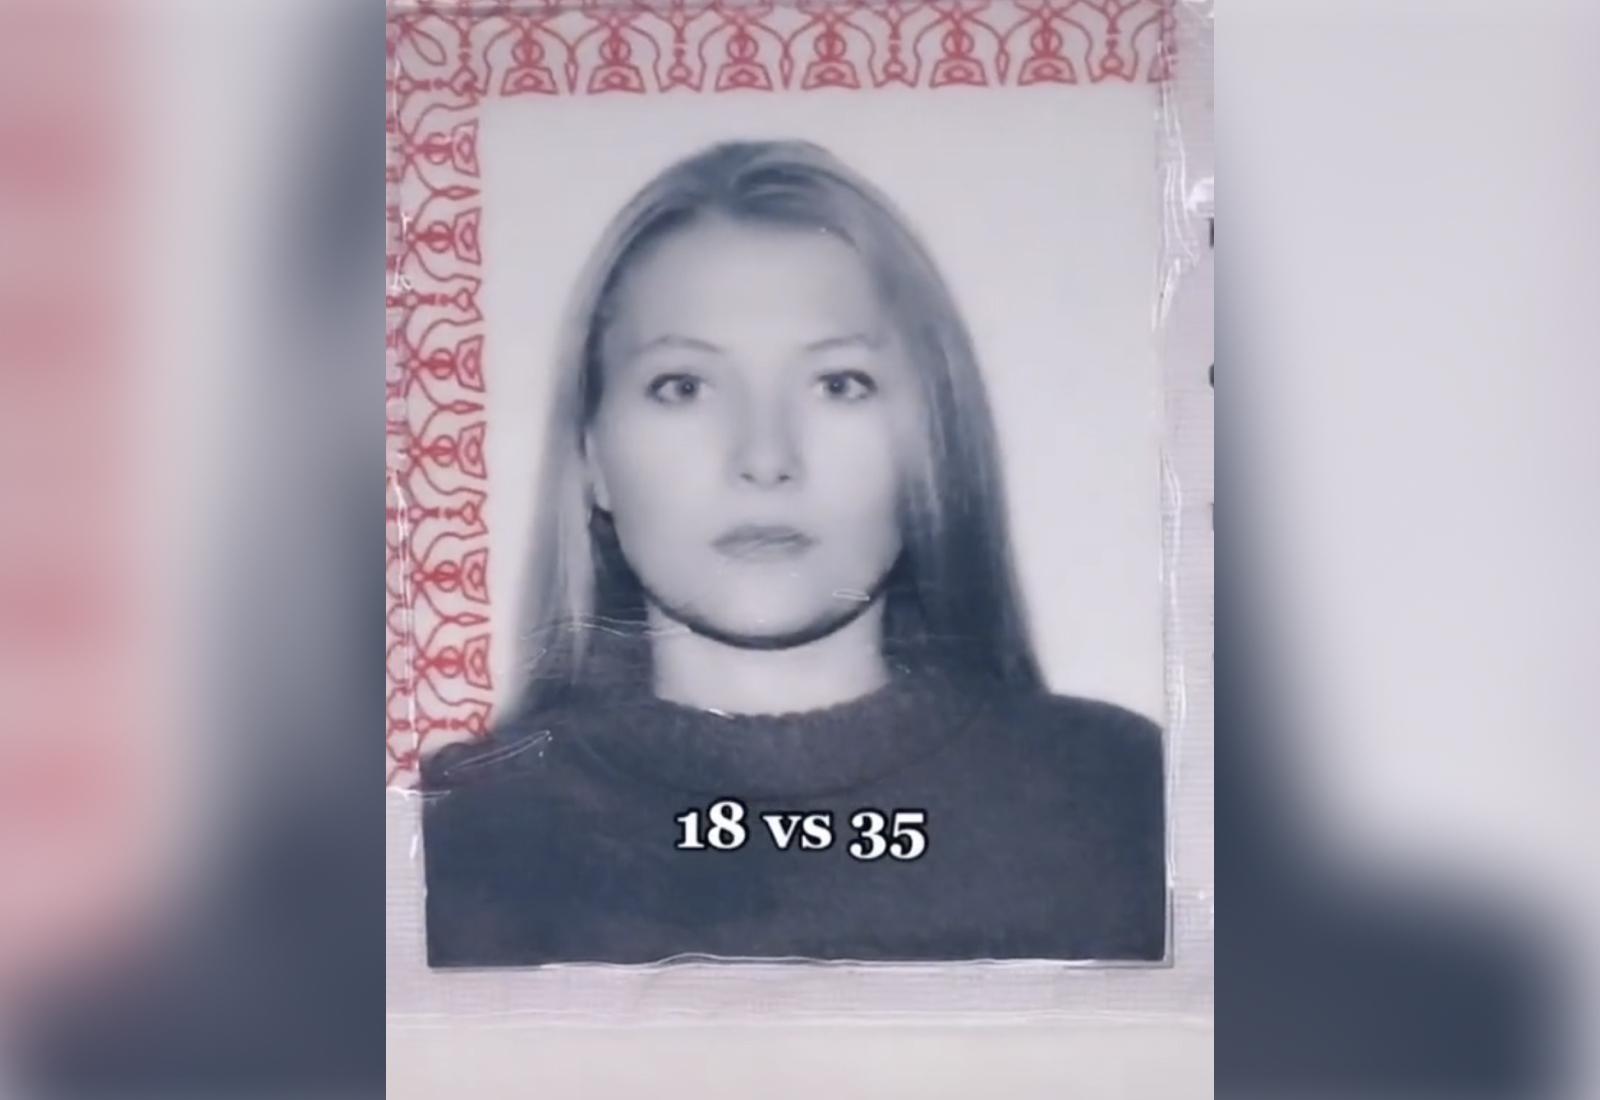 Девушка из Саратова, вместо того чтобы постареть за 17 лет, стала выглядеть ещё моложе, чем раньше